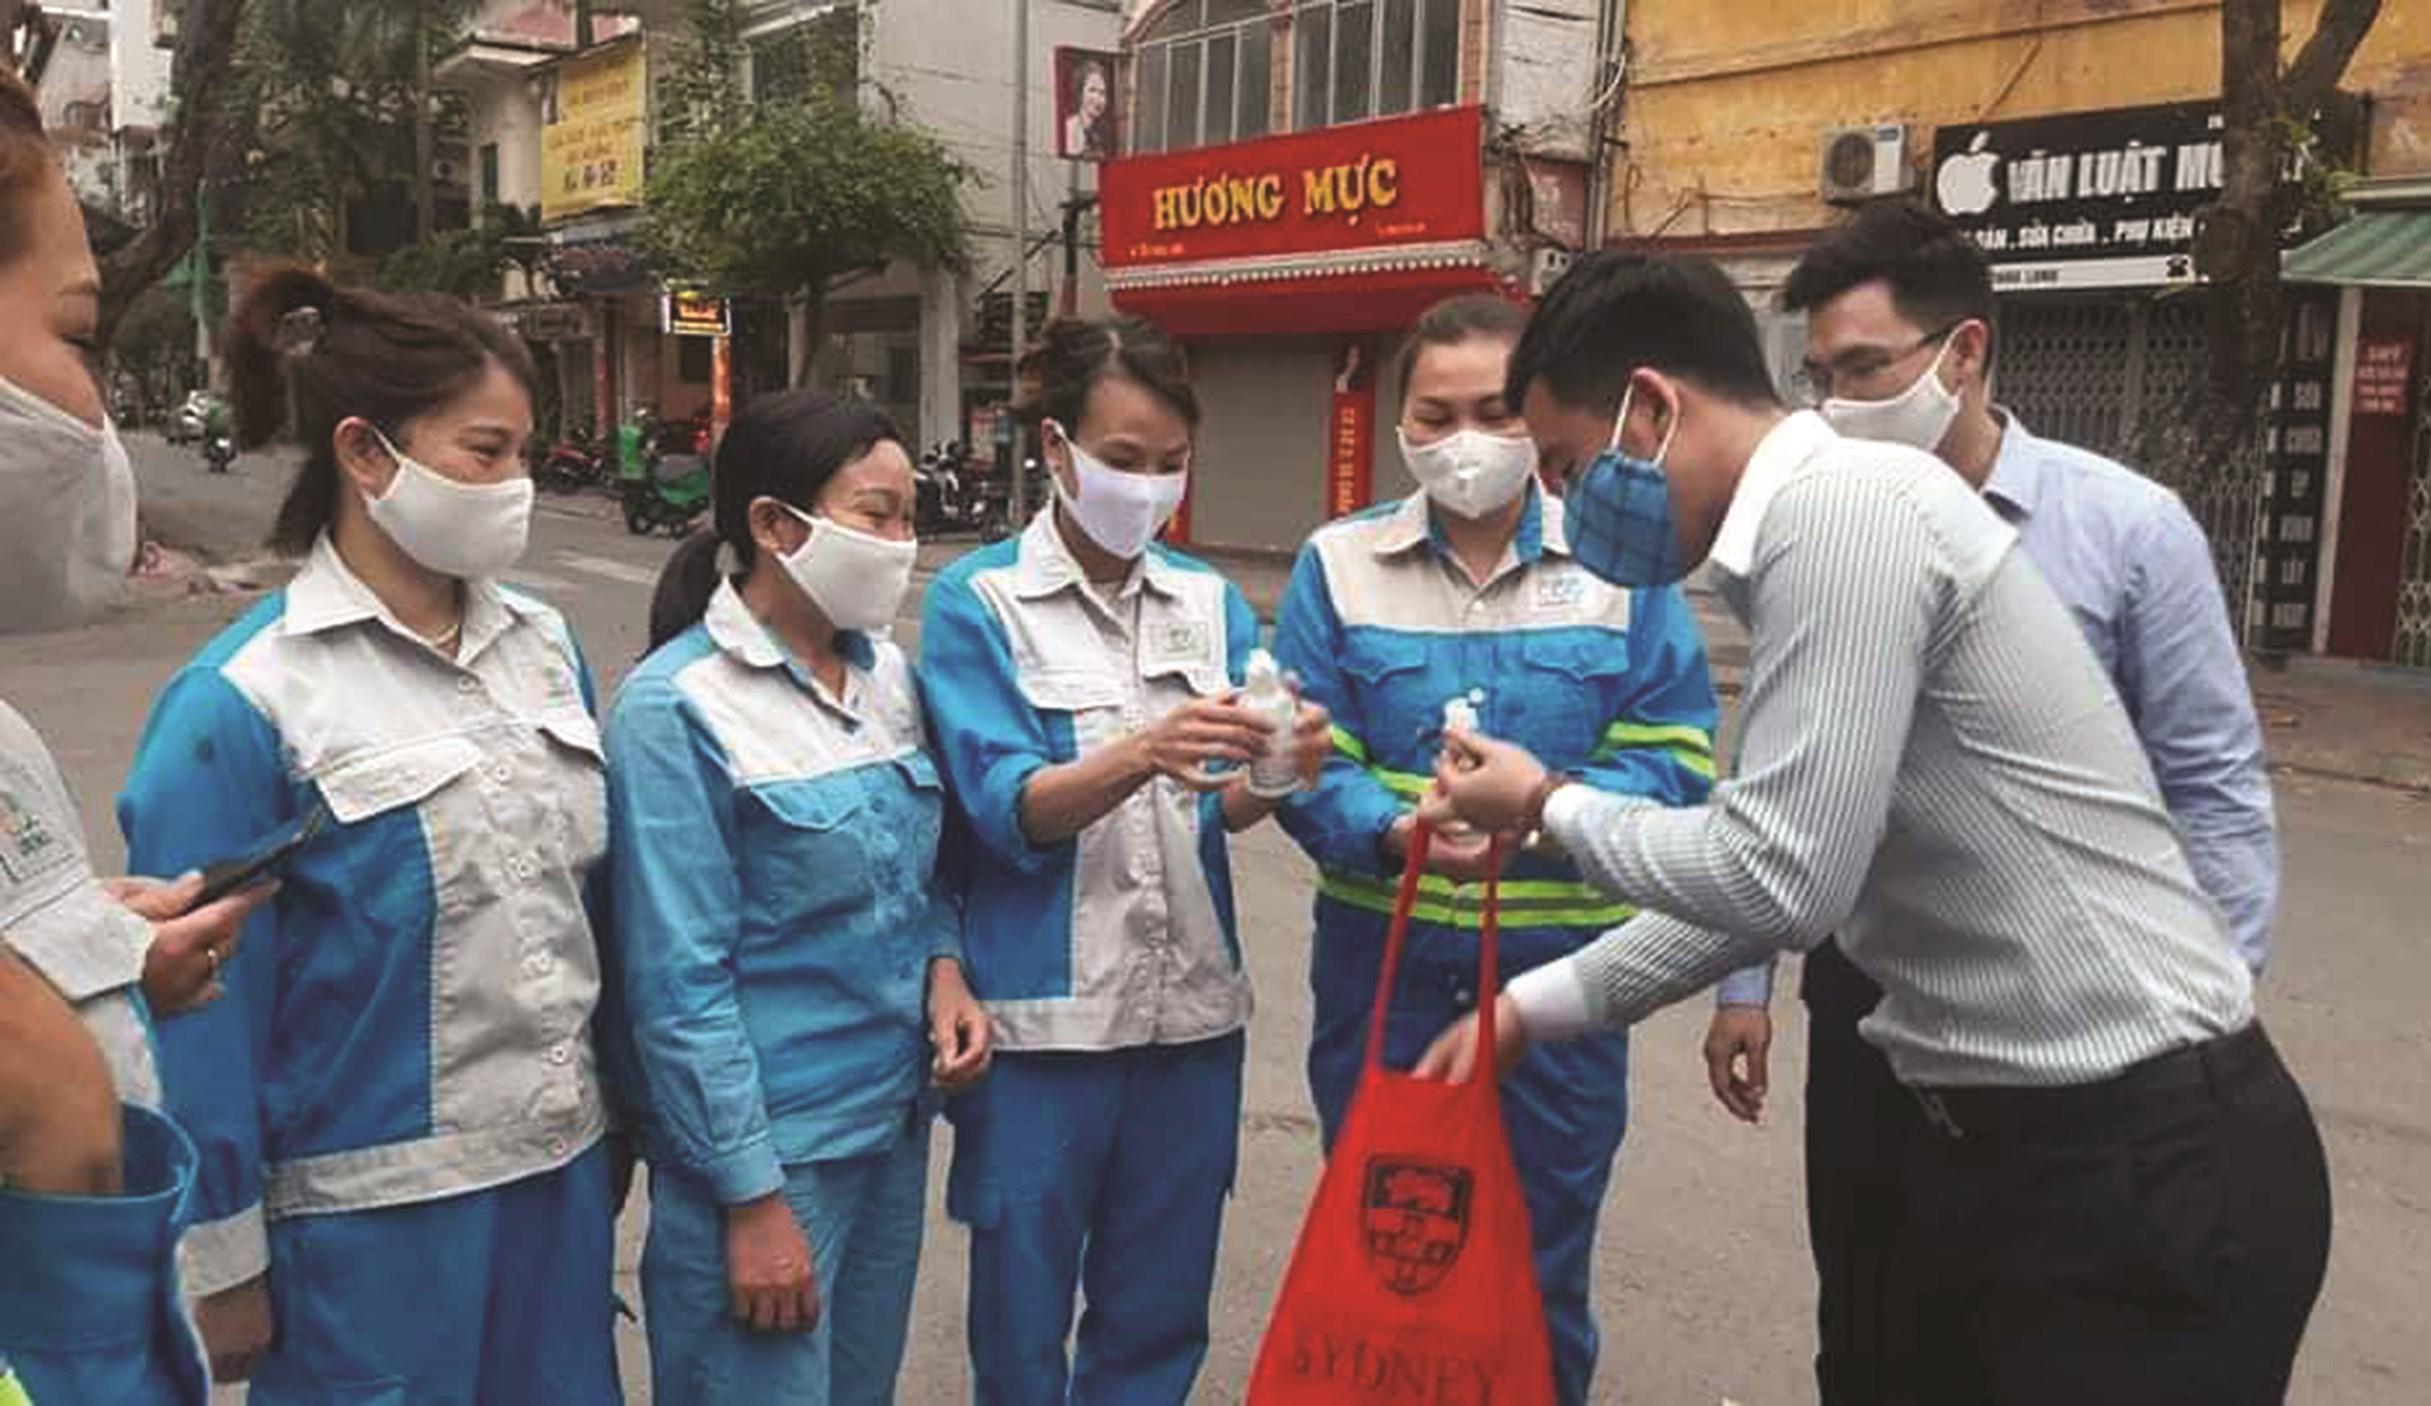 Những công nhân vệ sinh môi trường ở Hà Nội được trang bị đầy đủ các đồ dùng bảo hộ